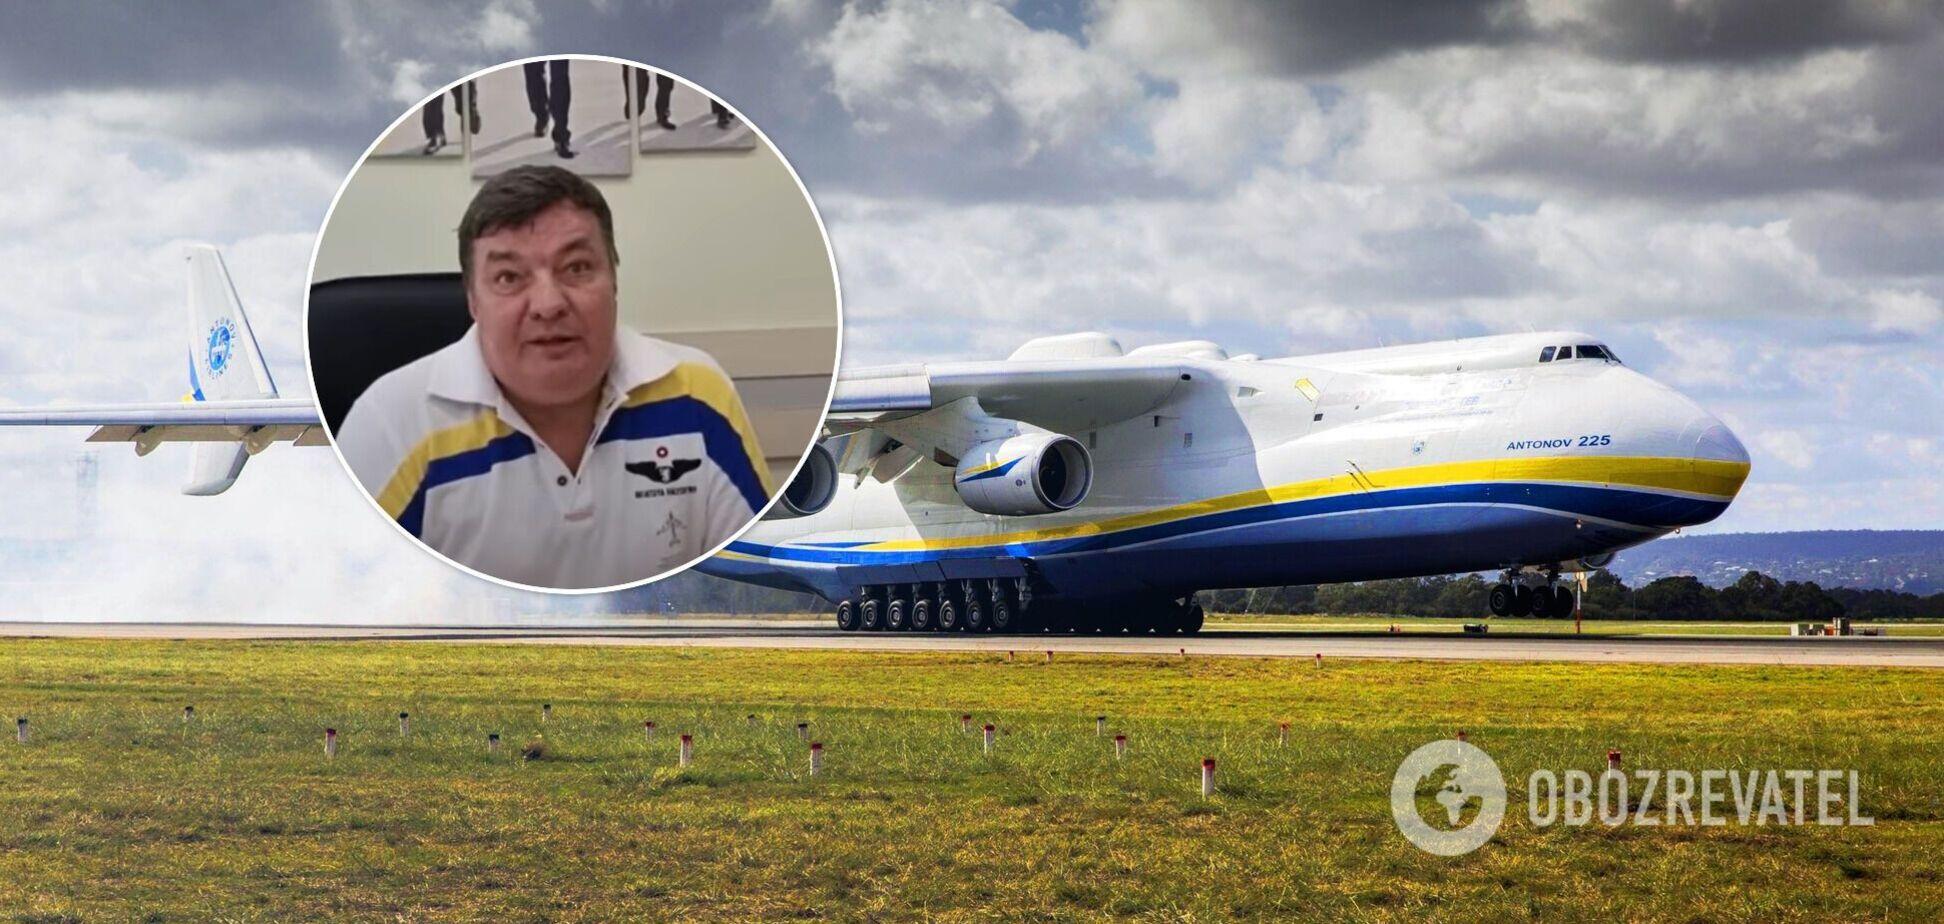 Пилот 'Мрии' показал впечатляющее видео взлета крупнейшего самолета в мире